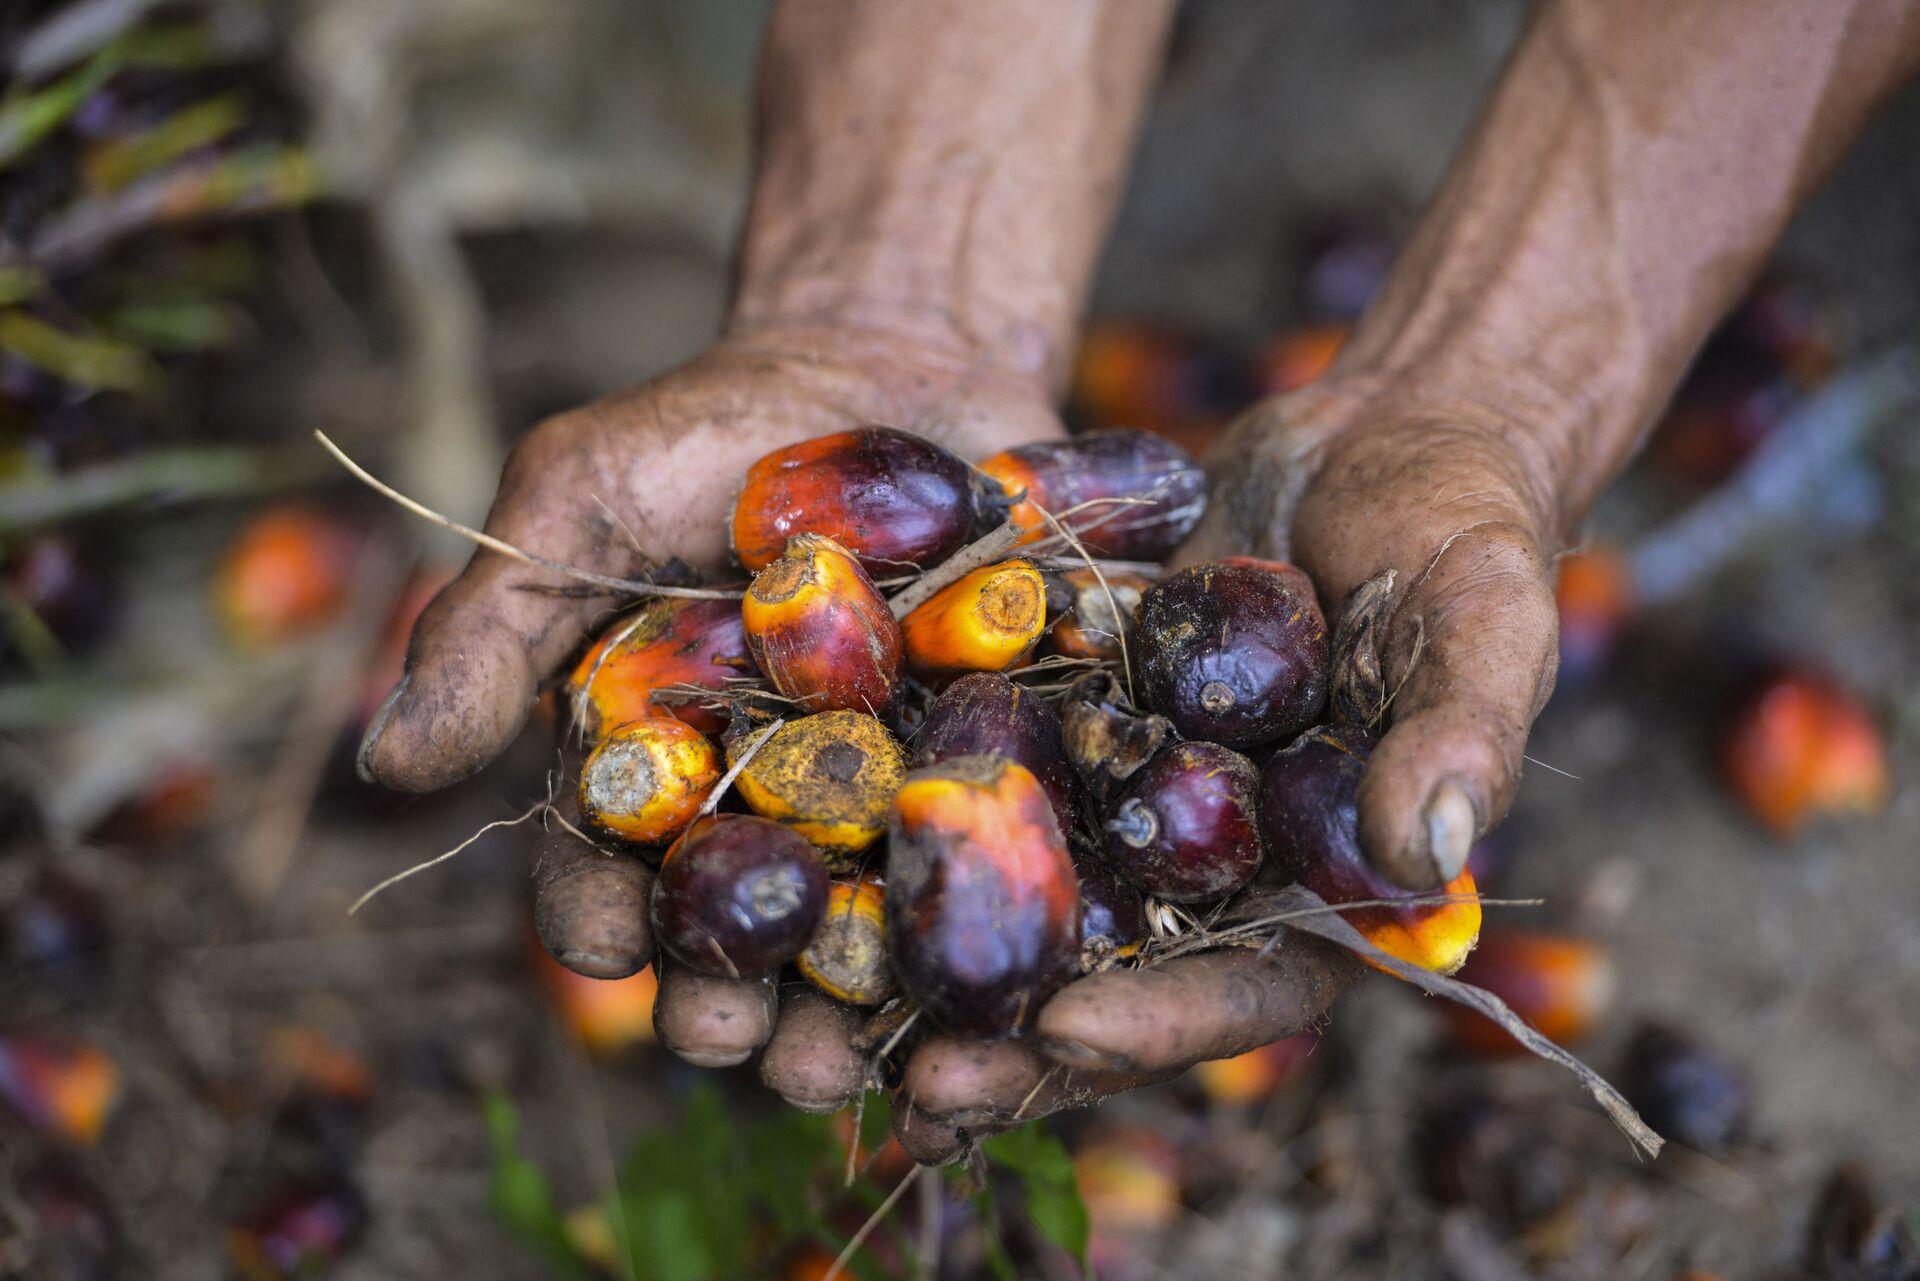 Sri Lanka palmiye yağı ithalatını yasakladı  - Sputnik Türkiye, 1920, 07.04.2021